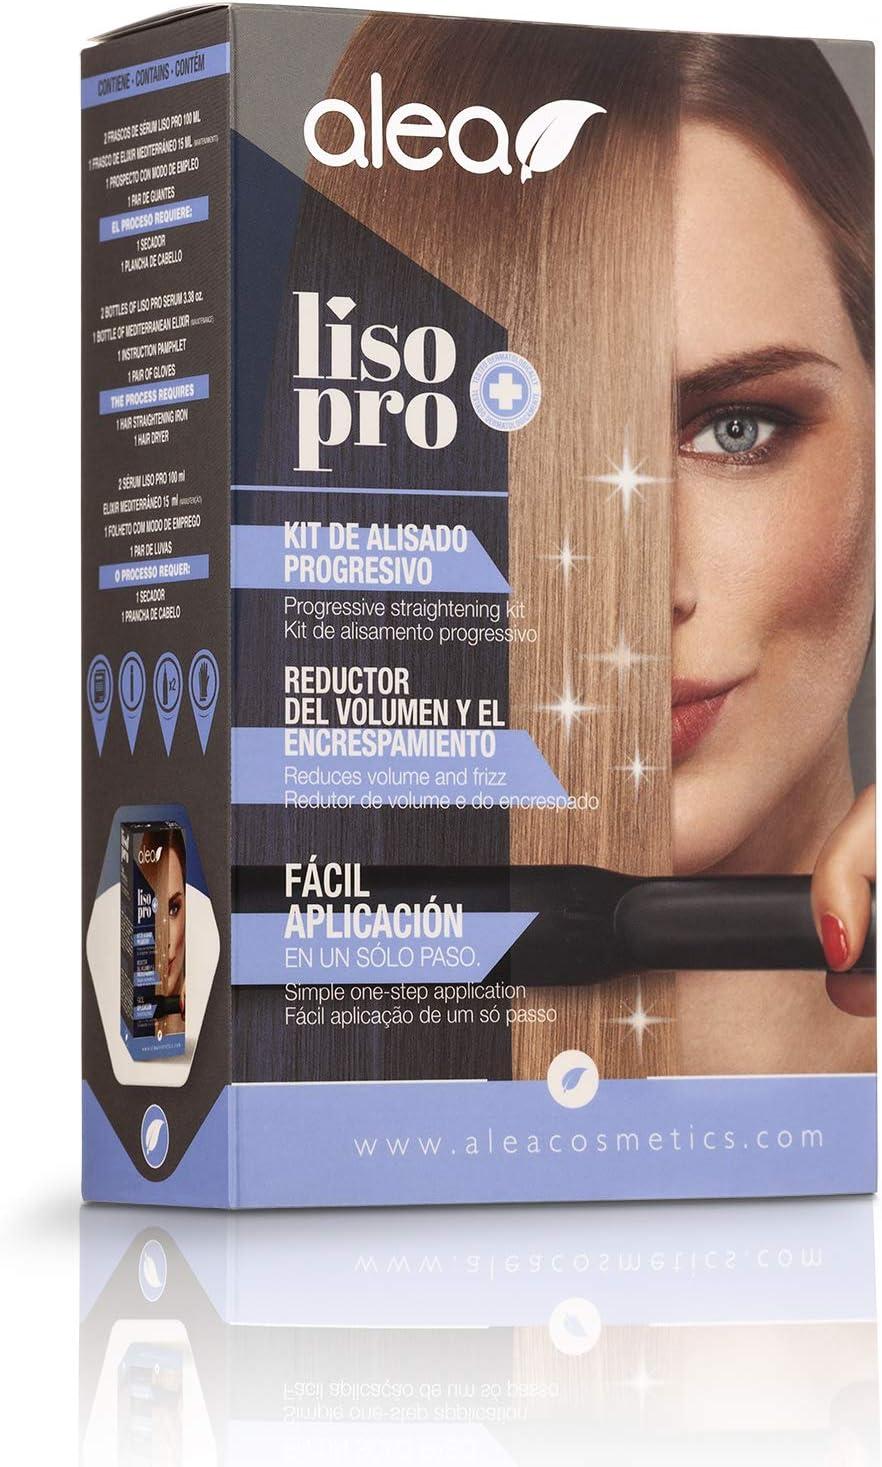 Alea Liso Pro - Kit de alisado con queratina